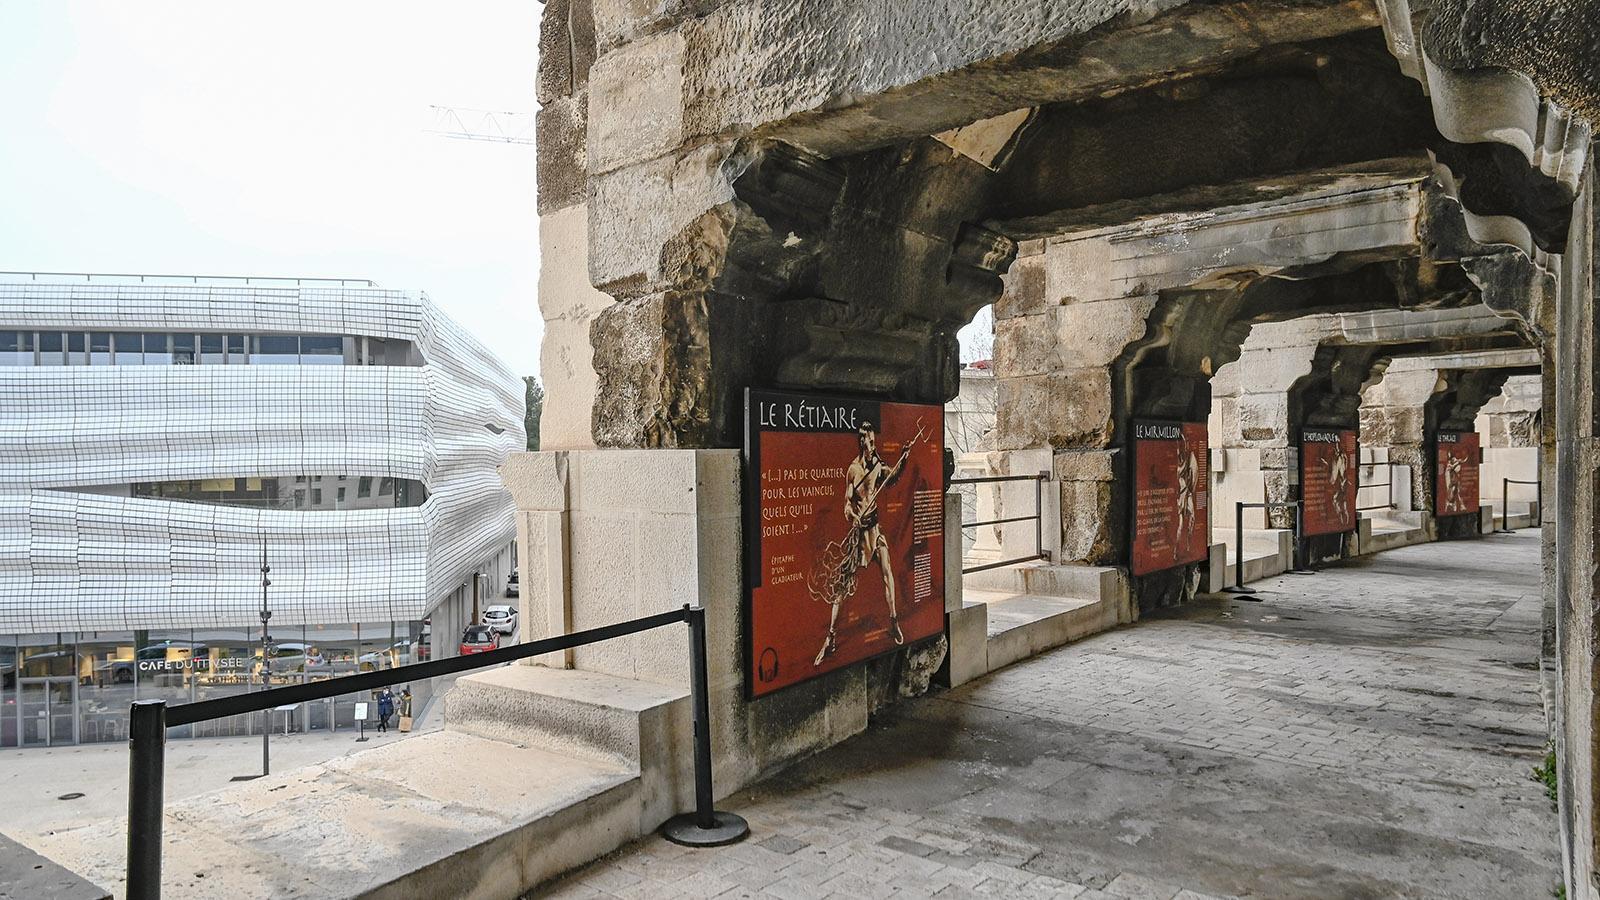 Nîmes. Spannend ist auch der Blick von den Arenen auf das Museum. Foto: Hilke Maunder